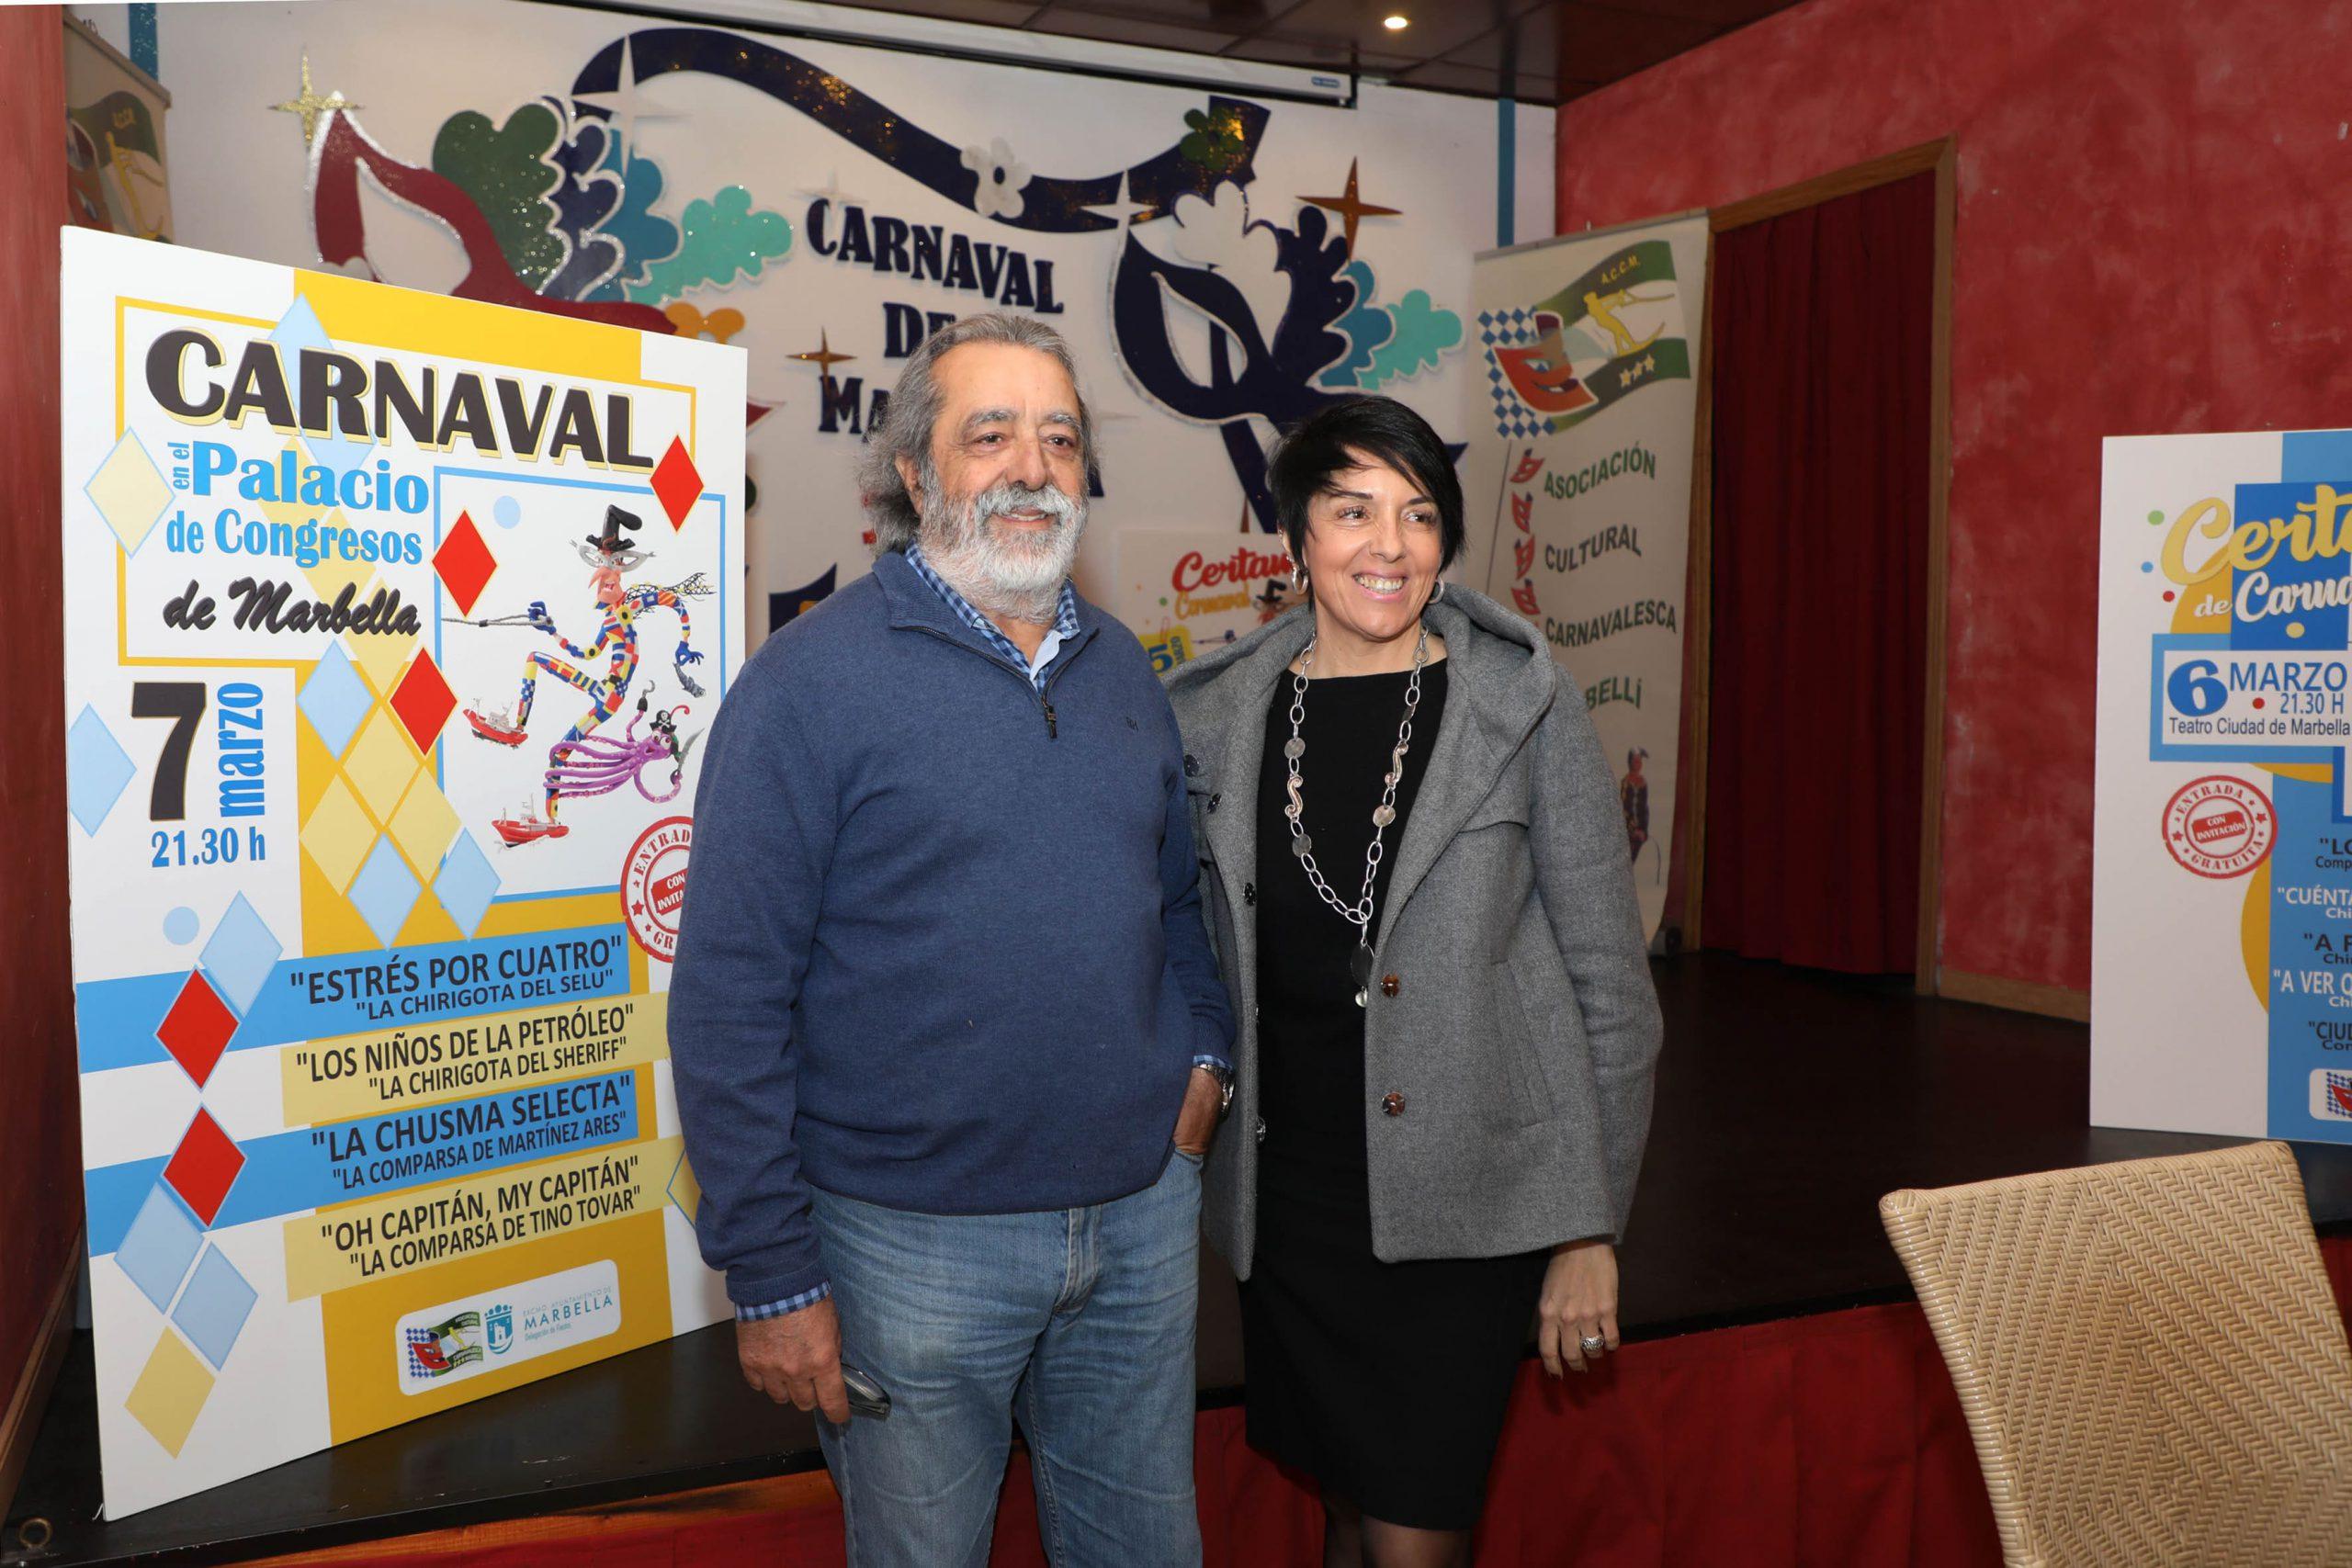 El Carnaval de Marbella 2020 tendrá lugar del 22 de febrero al 9 de marzo